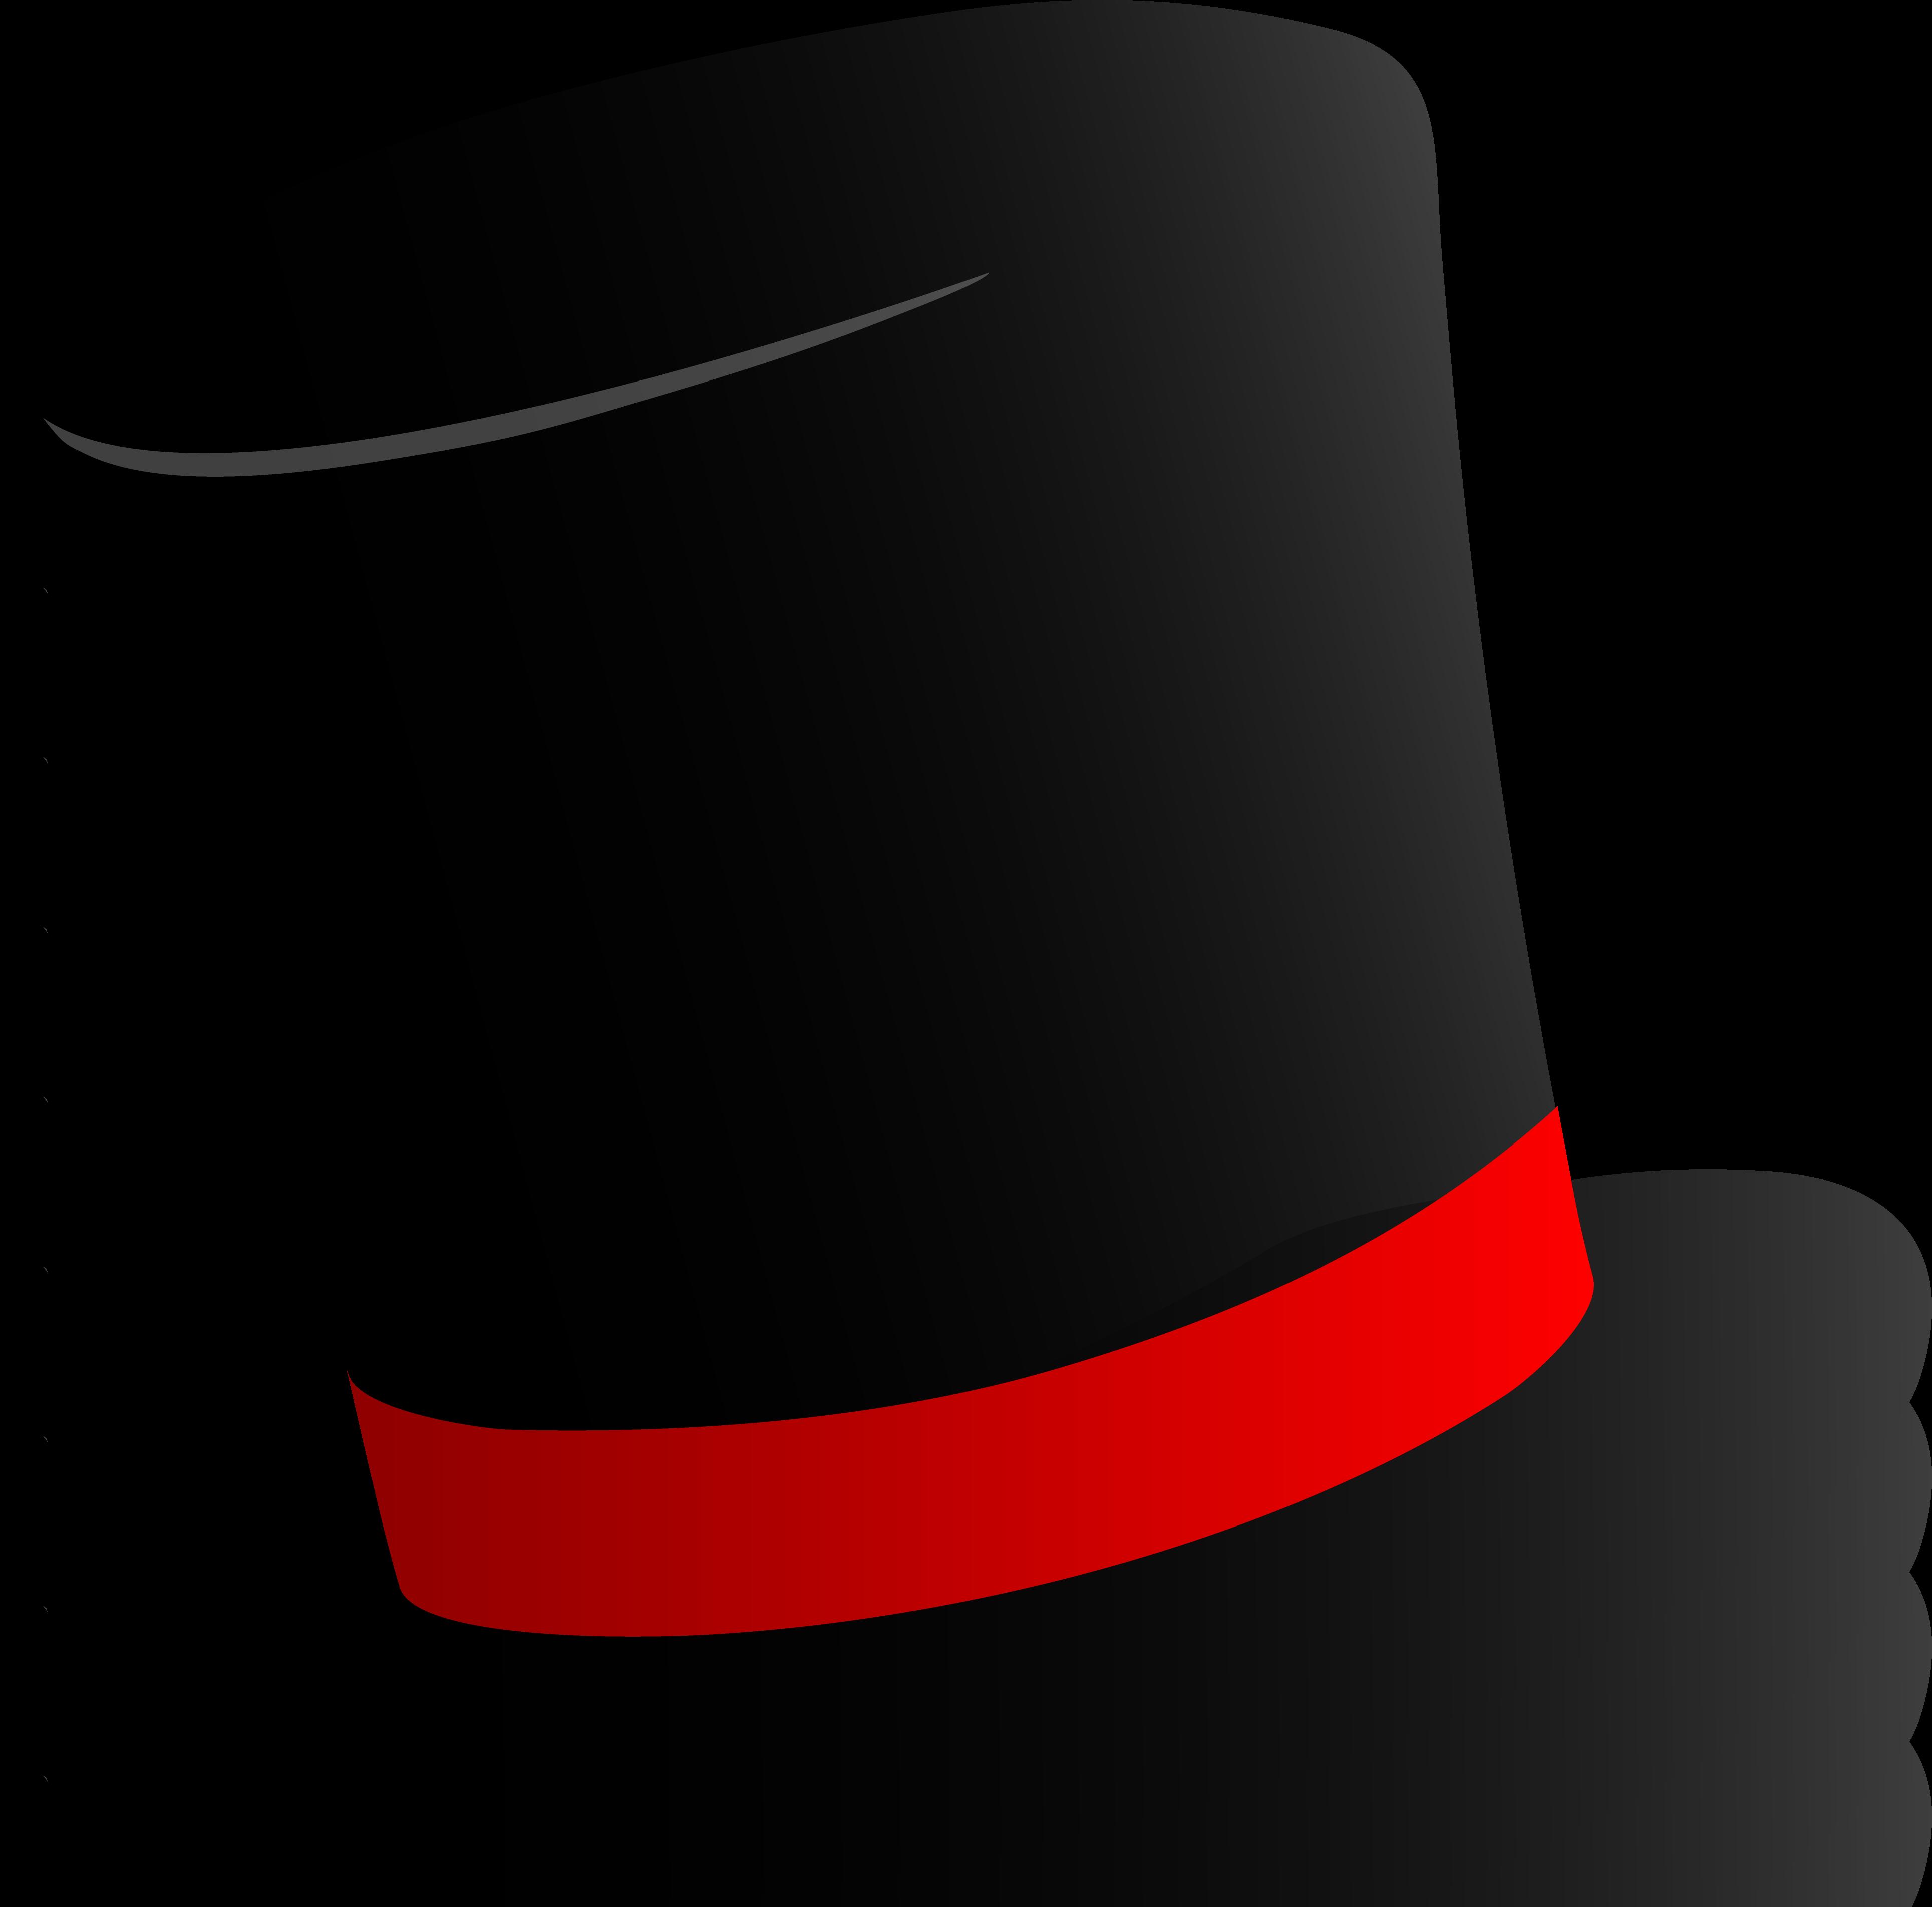 Mustache clipart mens hat, Mustache mens hat Transparent.